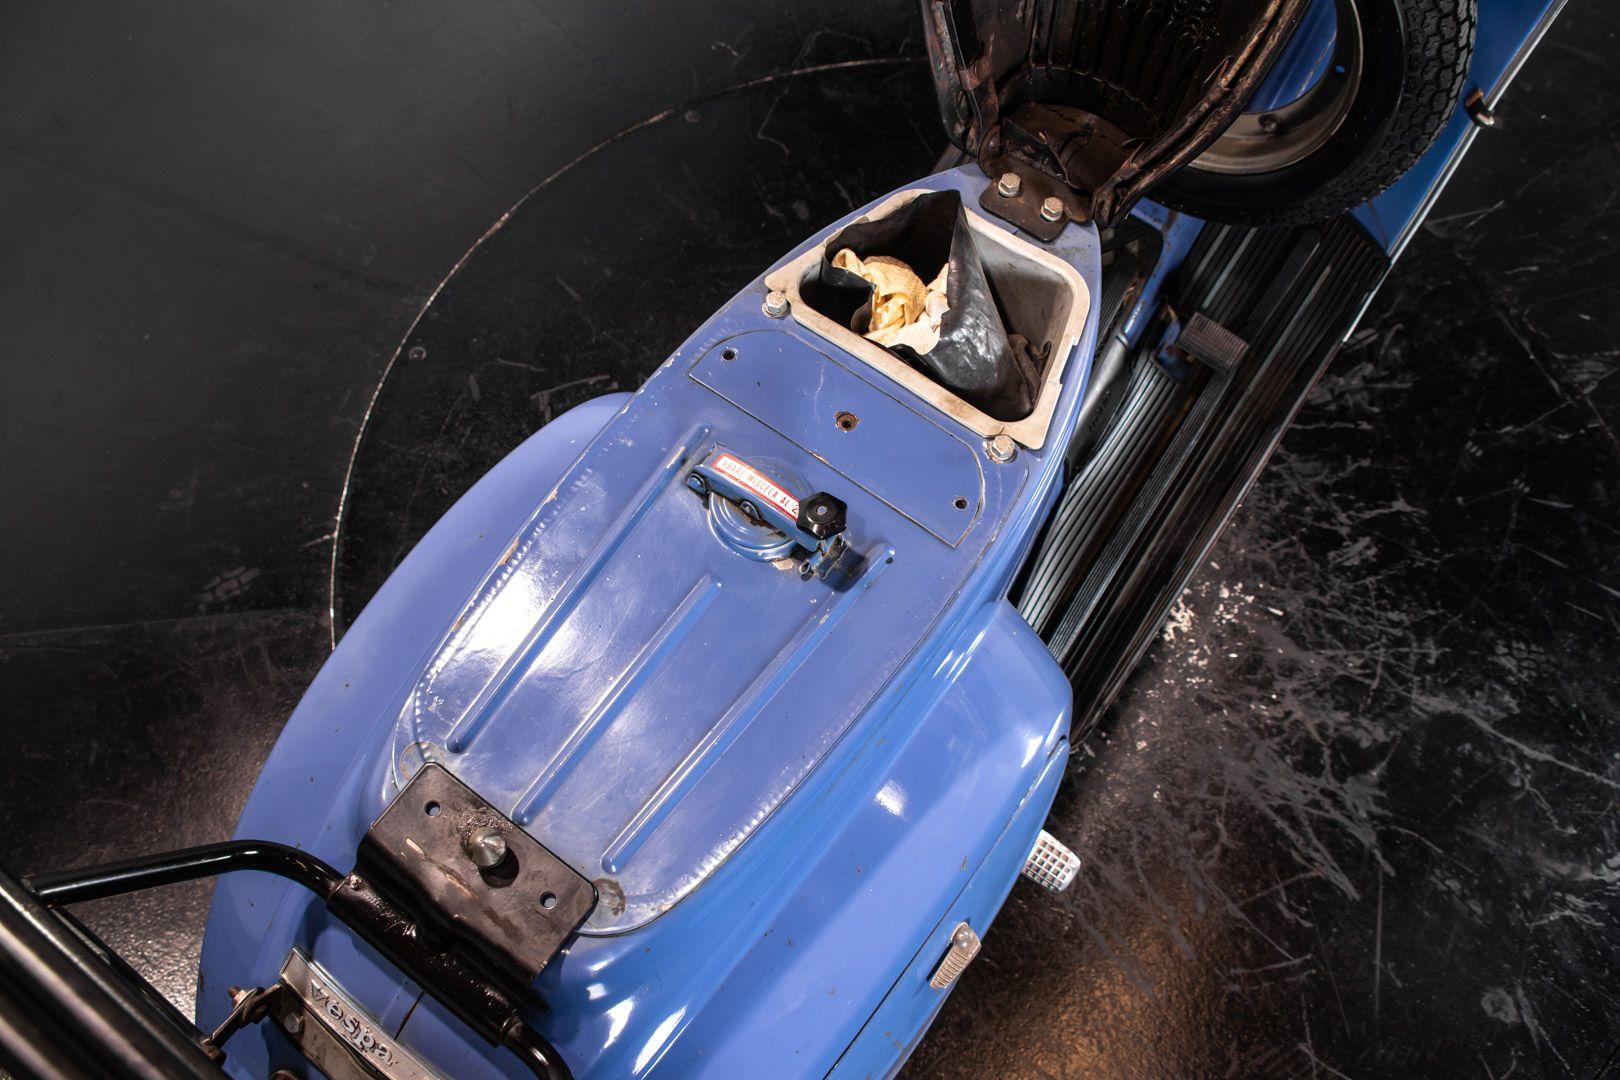 1974 Piaggio Vespa 50 3 marce 83513